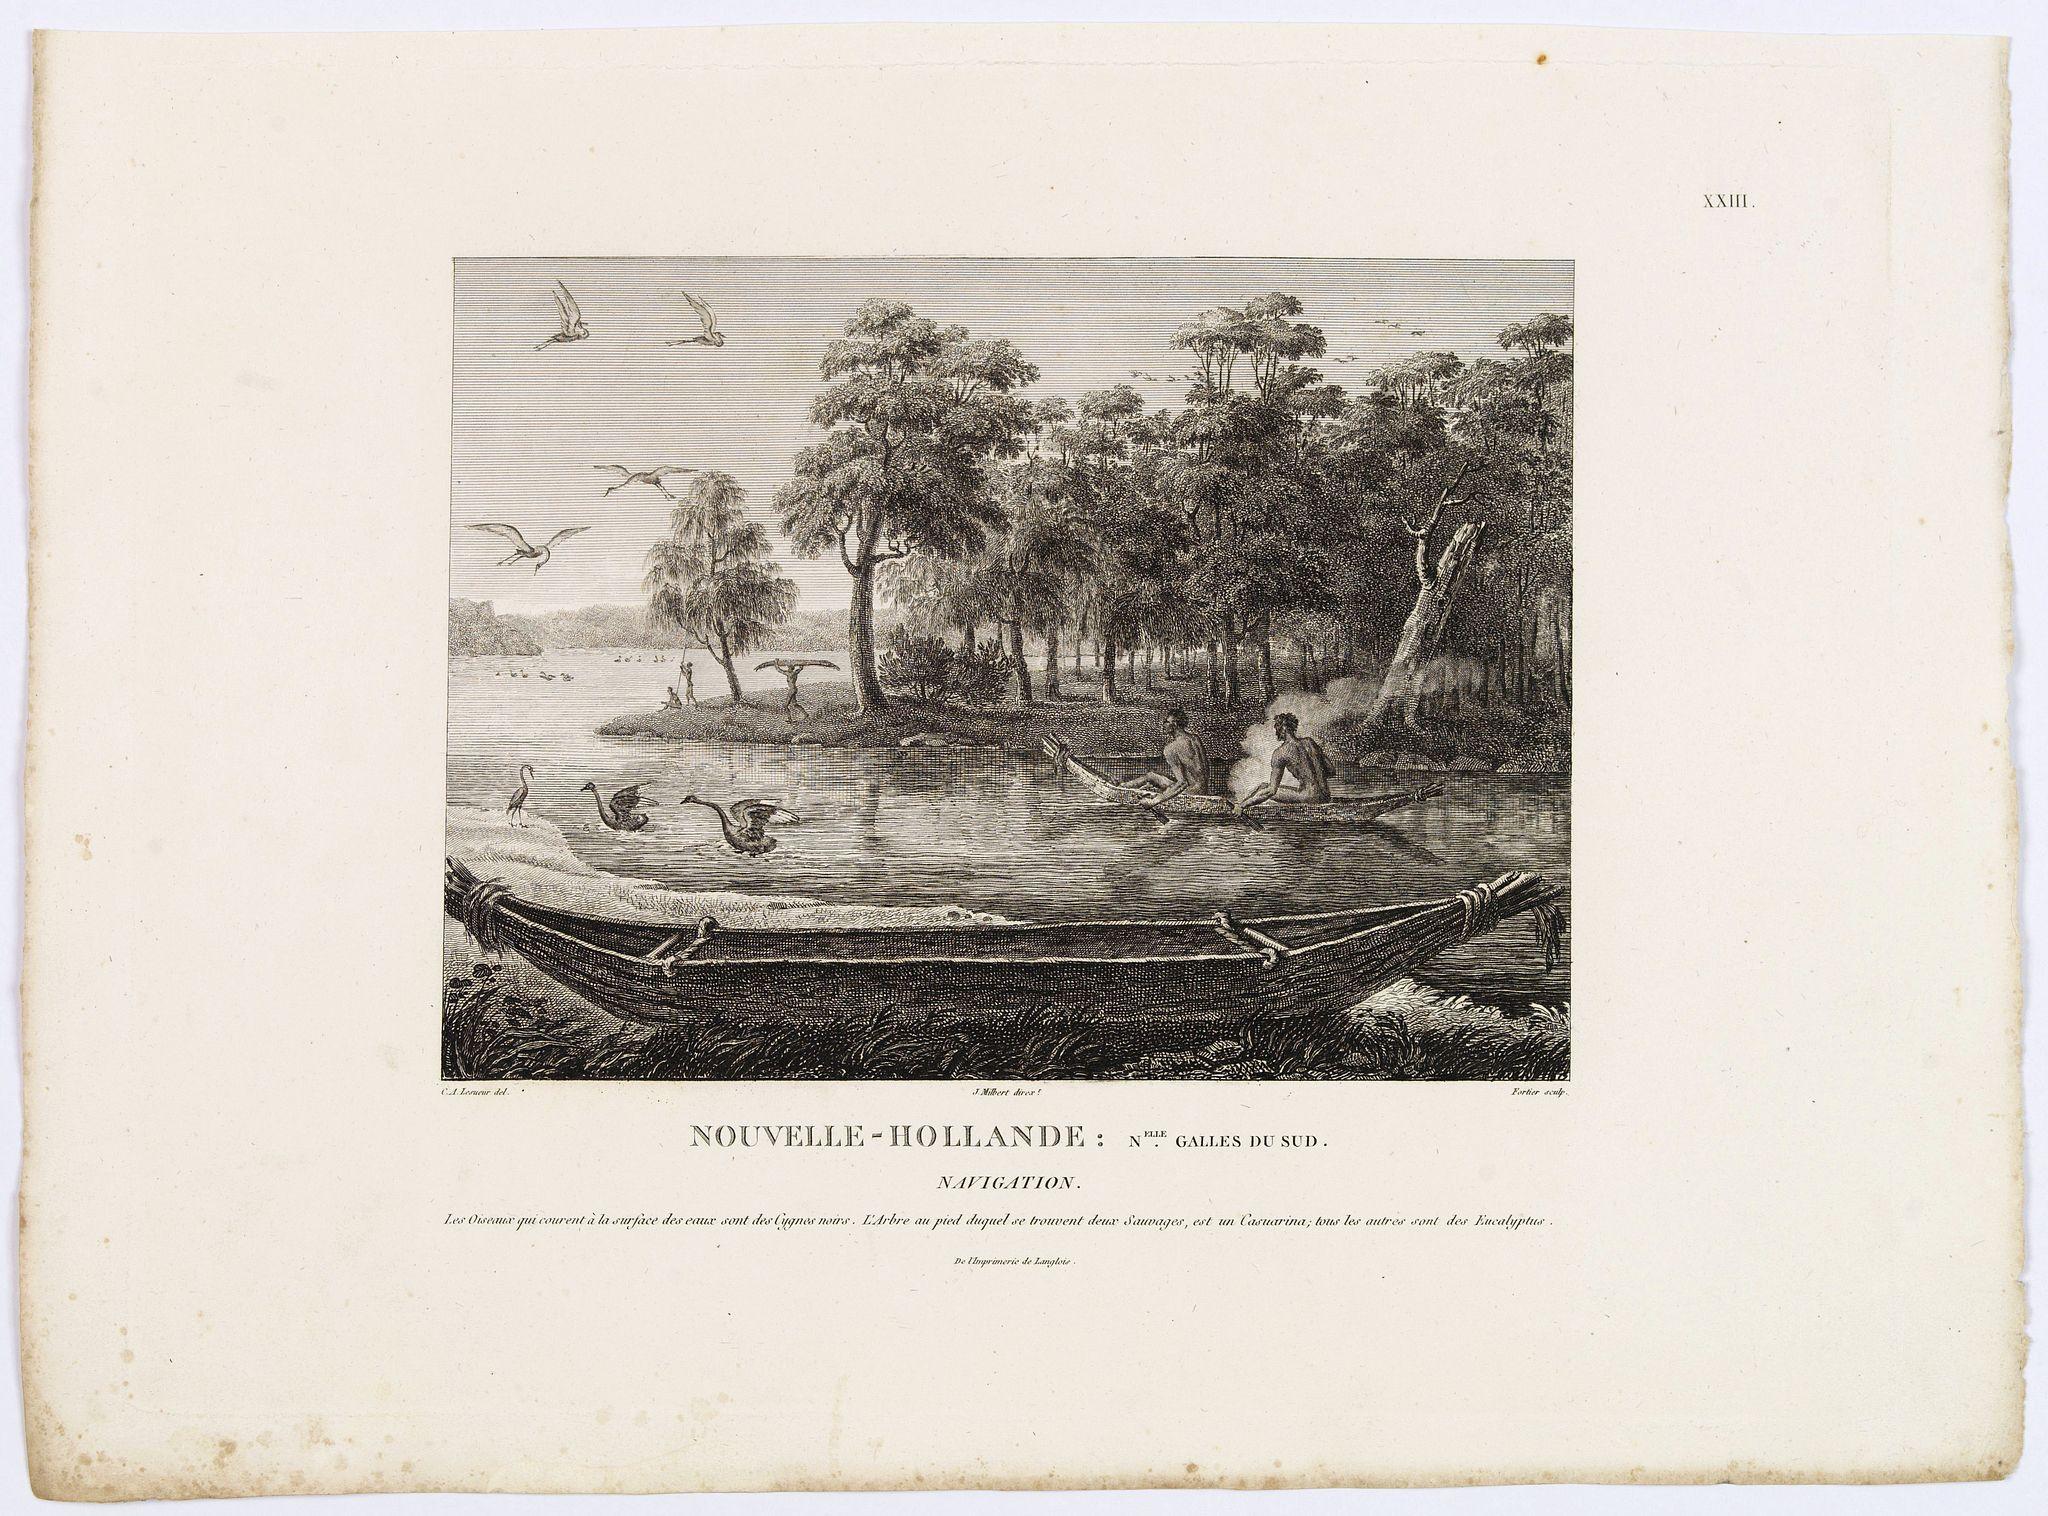 LESUEUR, C-A. / PERON, F. -  Nouvelle-Hollande: Nouvelle Galles du Sud. Navigation. [plate XXIII]